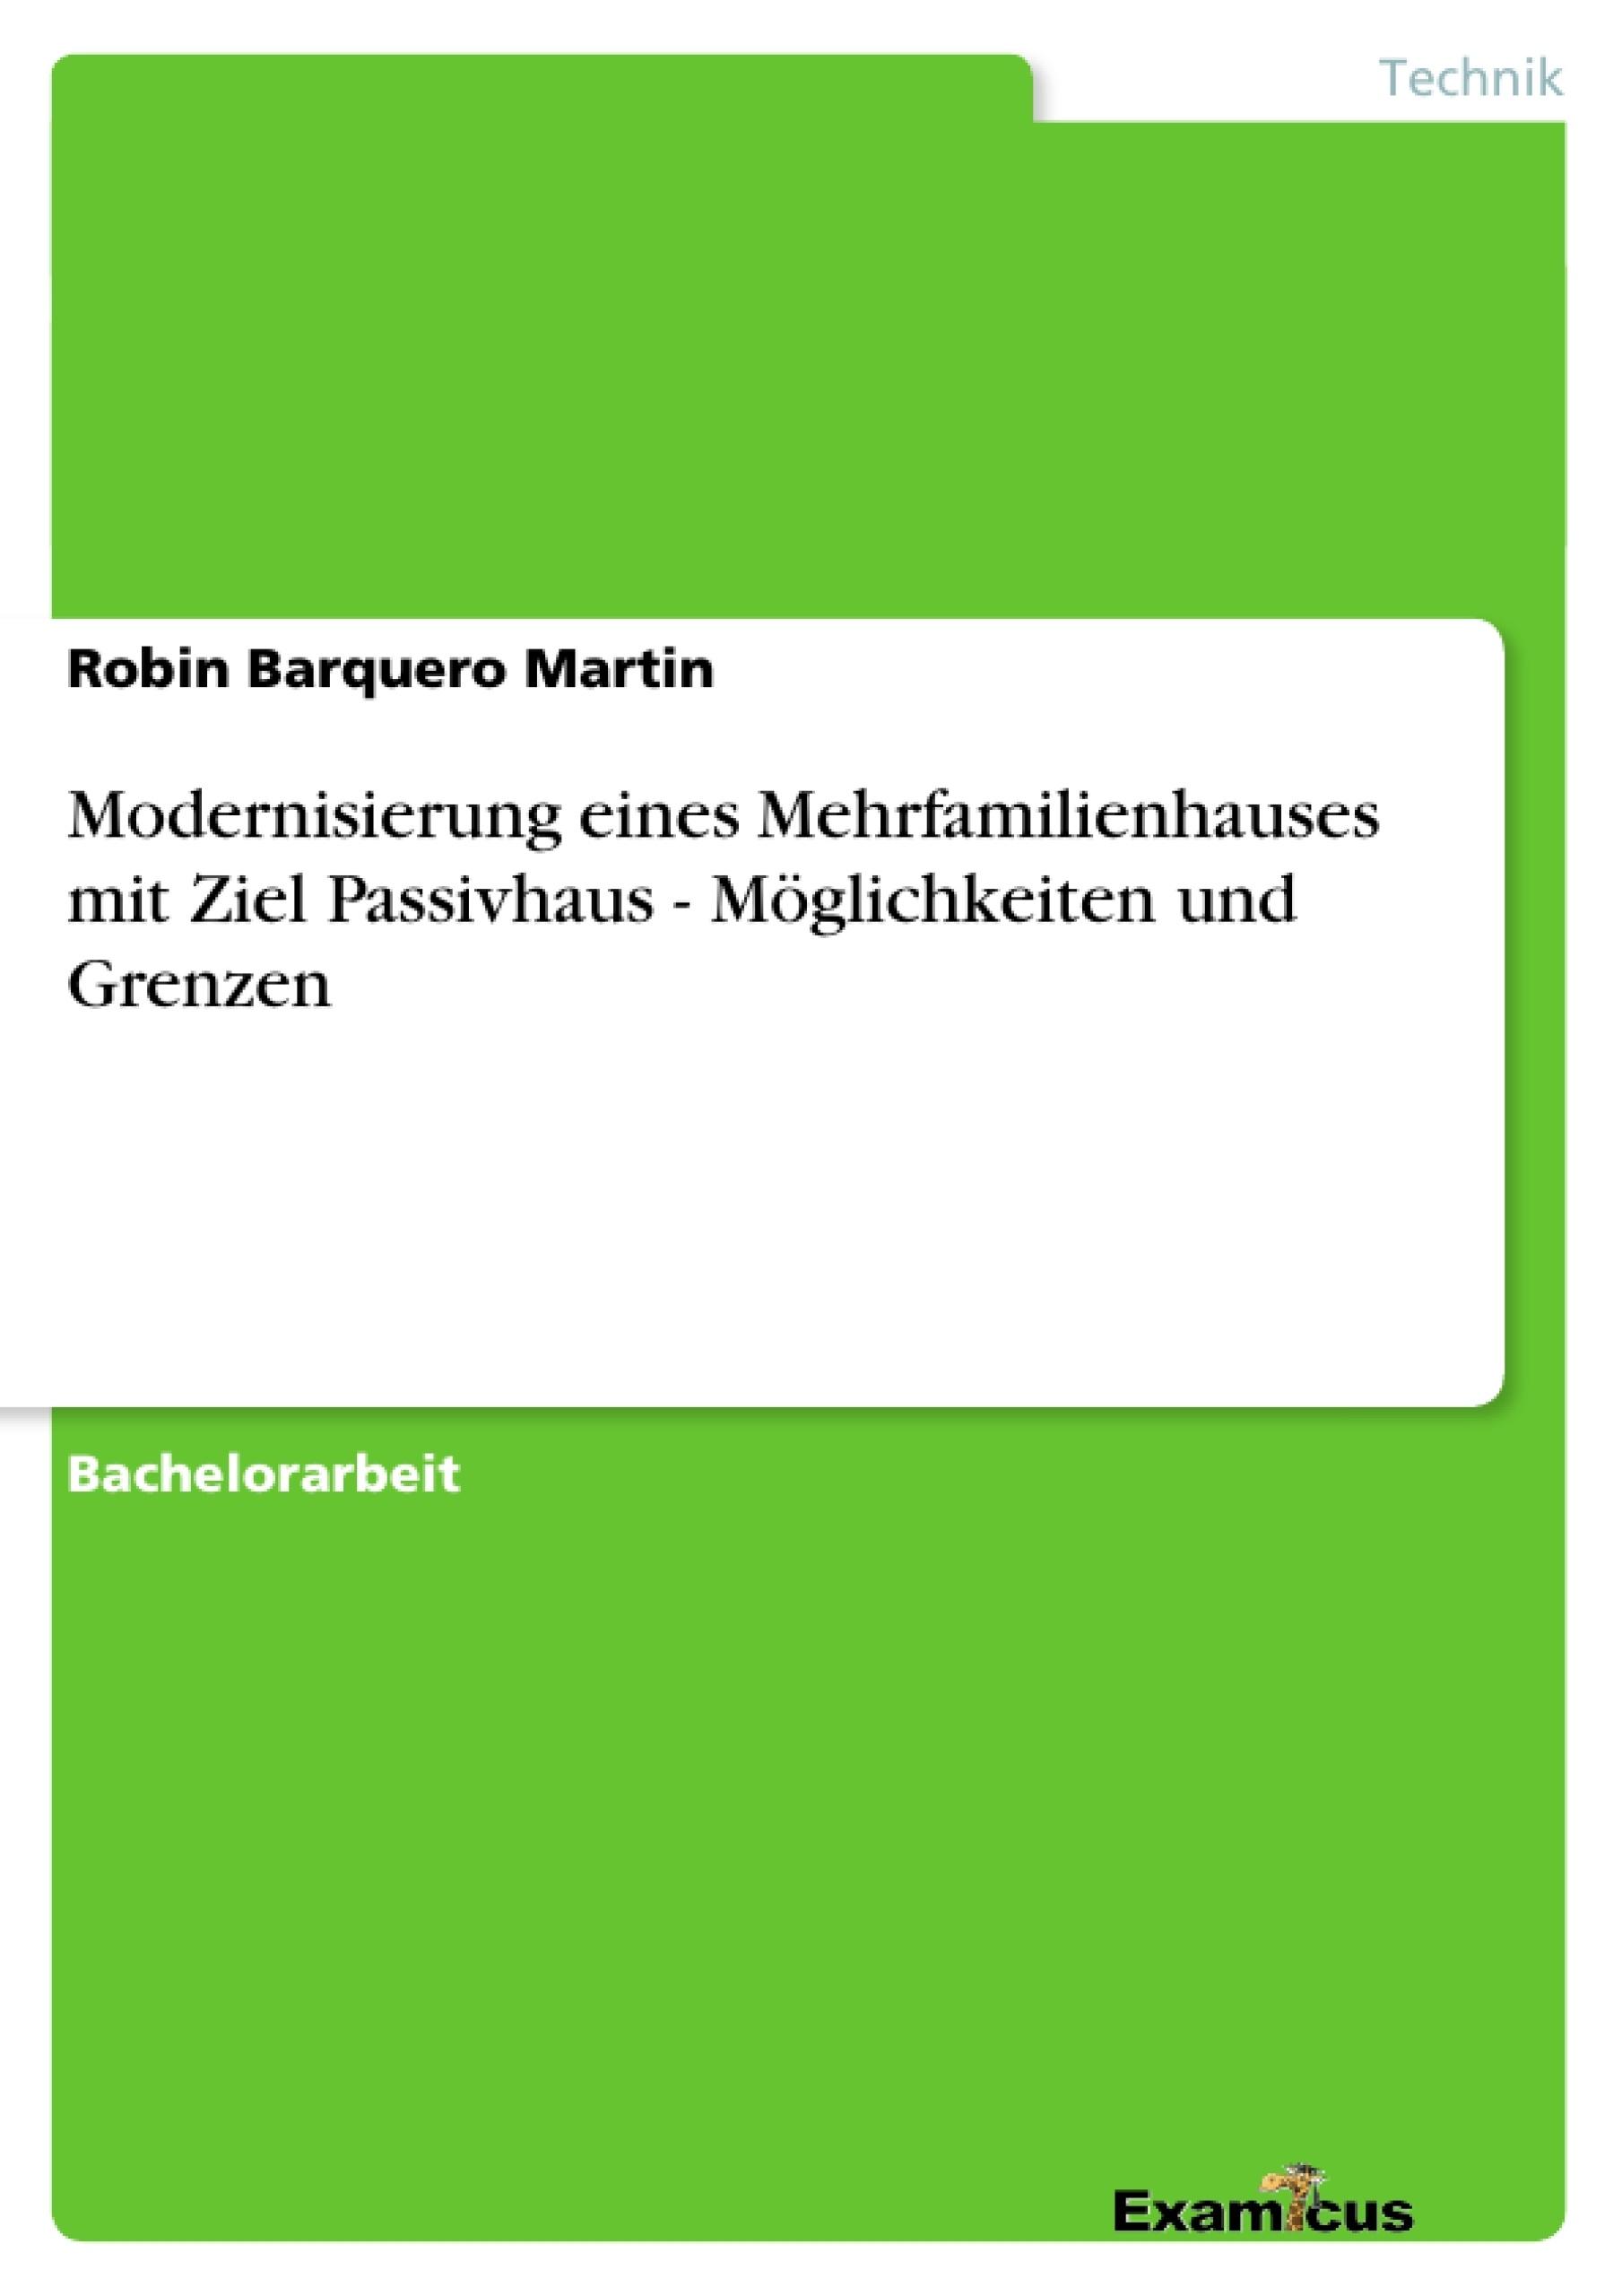 Titel: Modernisierung eines Mehrfamilienhauses mit Ziel Passivhaus - Möglichkeiten und Grenzen